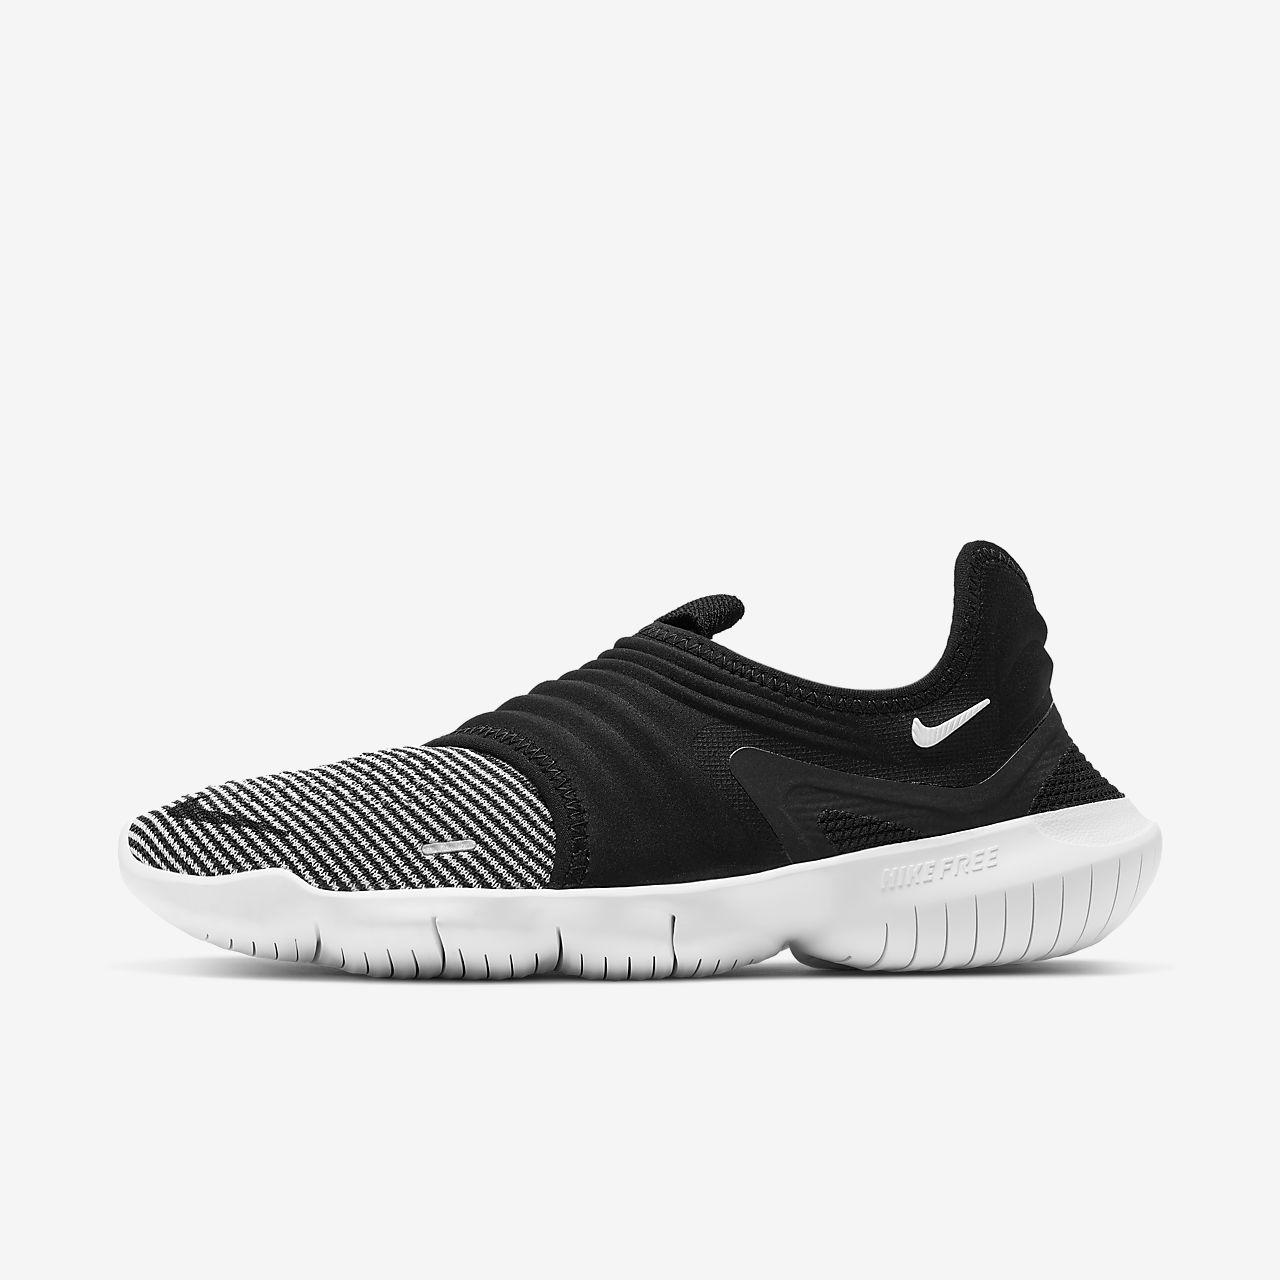 nuevo producto super popular envío gratis Calzado de running para mujer Nike Free RN Flyknit 3.0